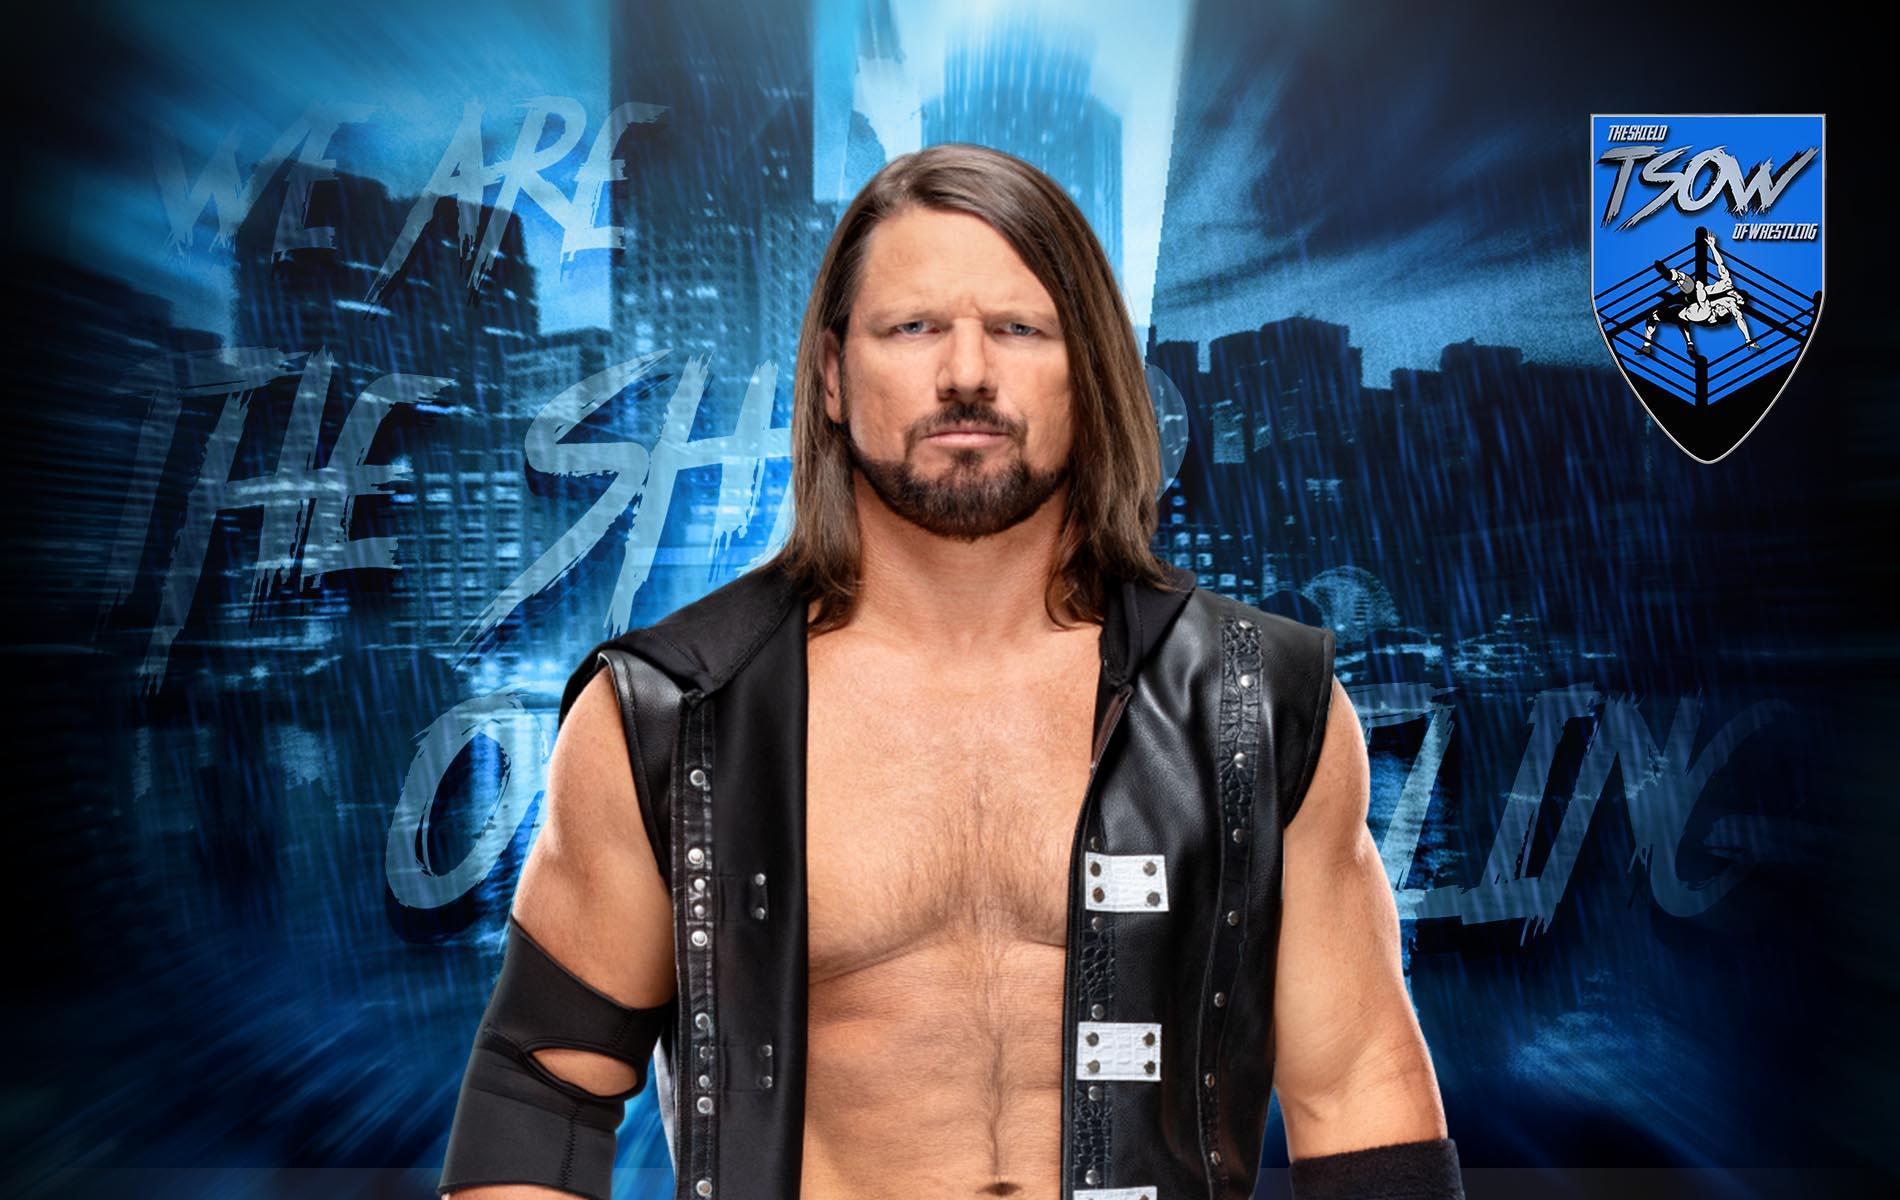 AJ Styles parla del suo rapporto con Chris Jericho e del feud con John Cena